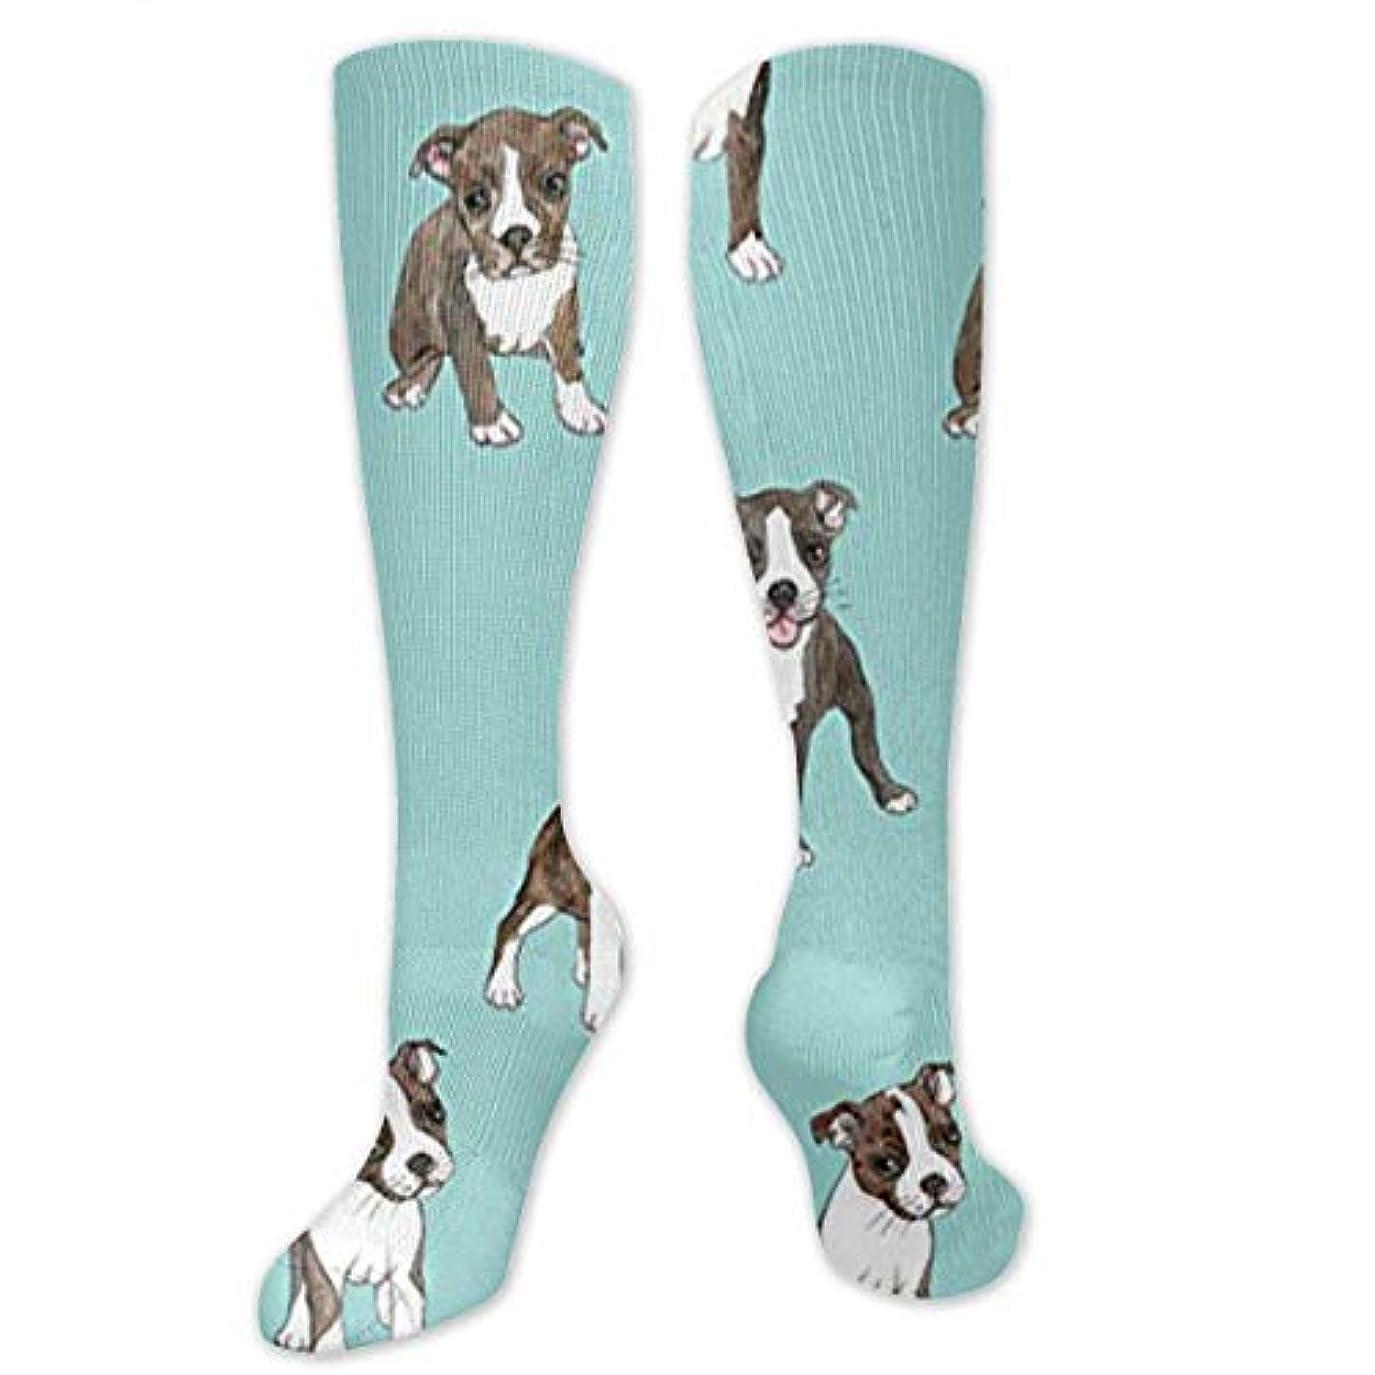 おなじみのスーダン資本主義靴下,ストッキング,野生のジョーカー,実際,秋の本質,冬必須,サマーウェア&RBXAA Little Boston Terrier Puppies Socks Women's Winter Cotton Long Tube...